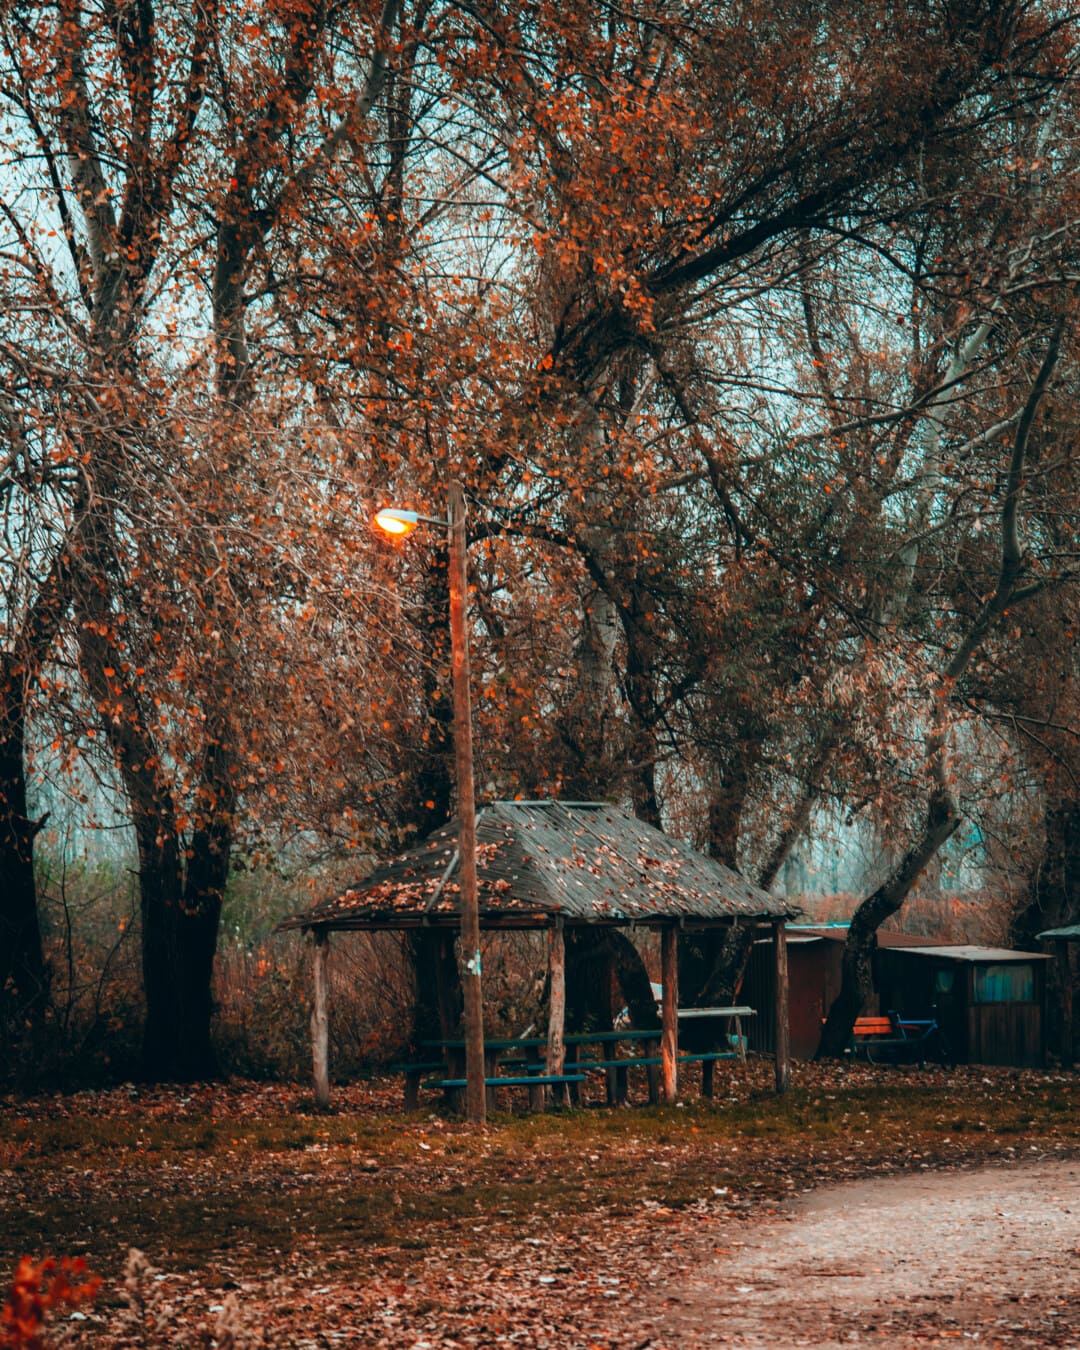 saison de l'automne, soirée, route forestière, zone de villégiature, hangar, parc, arbre, automne, paysage, forêt